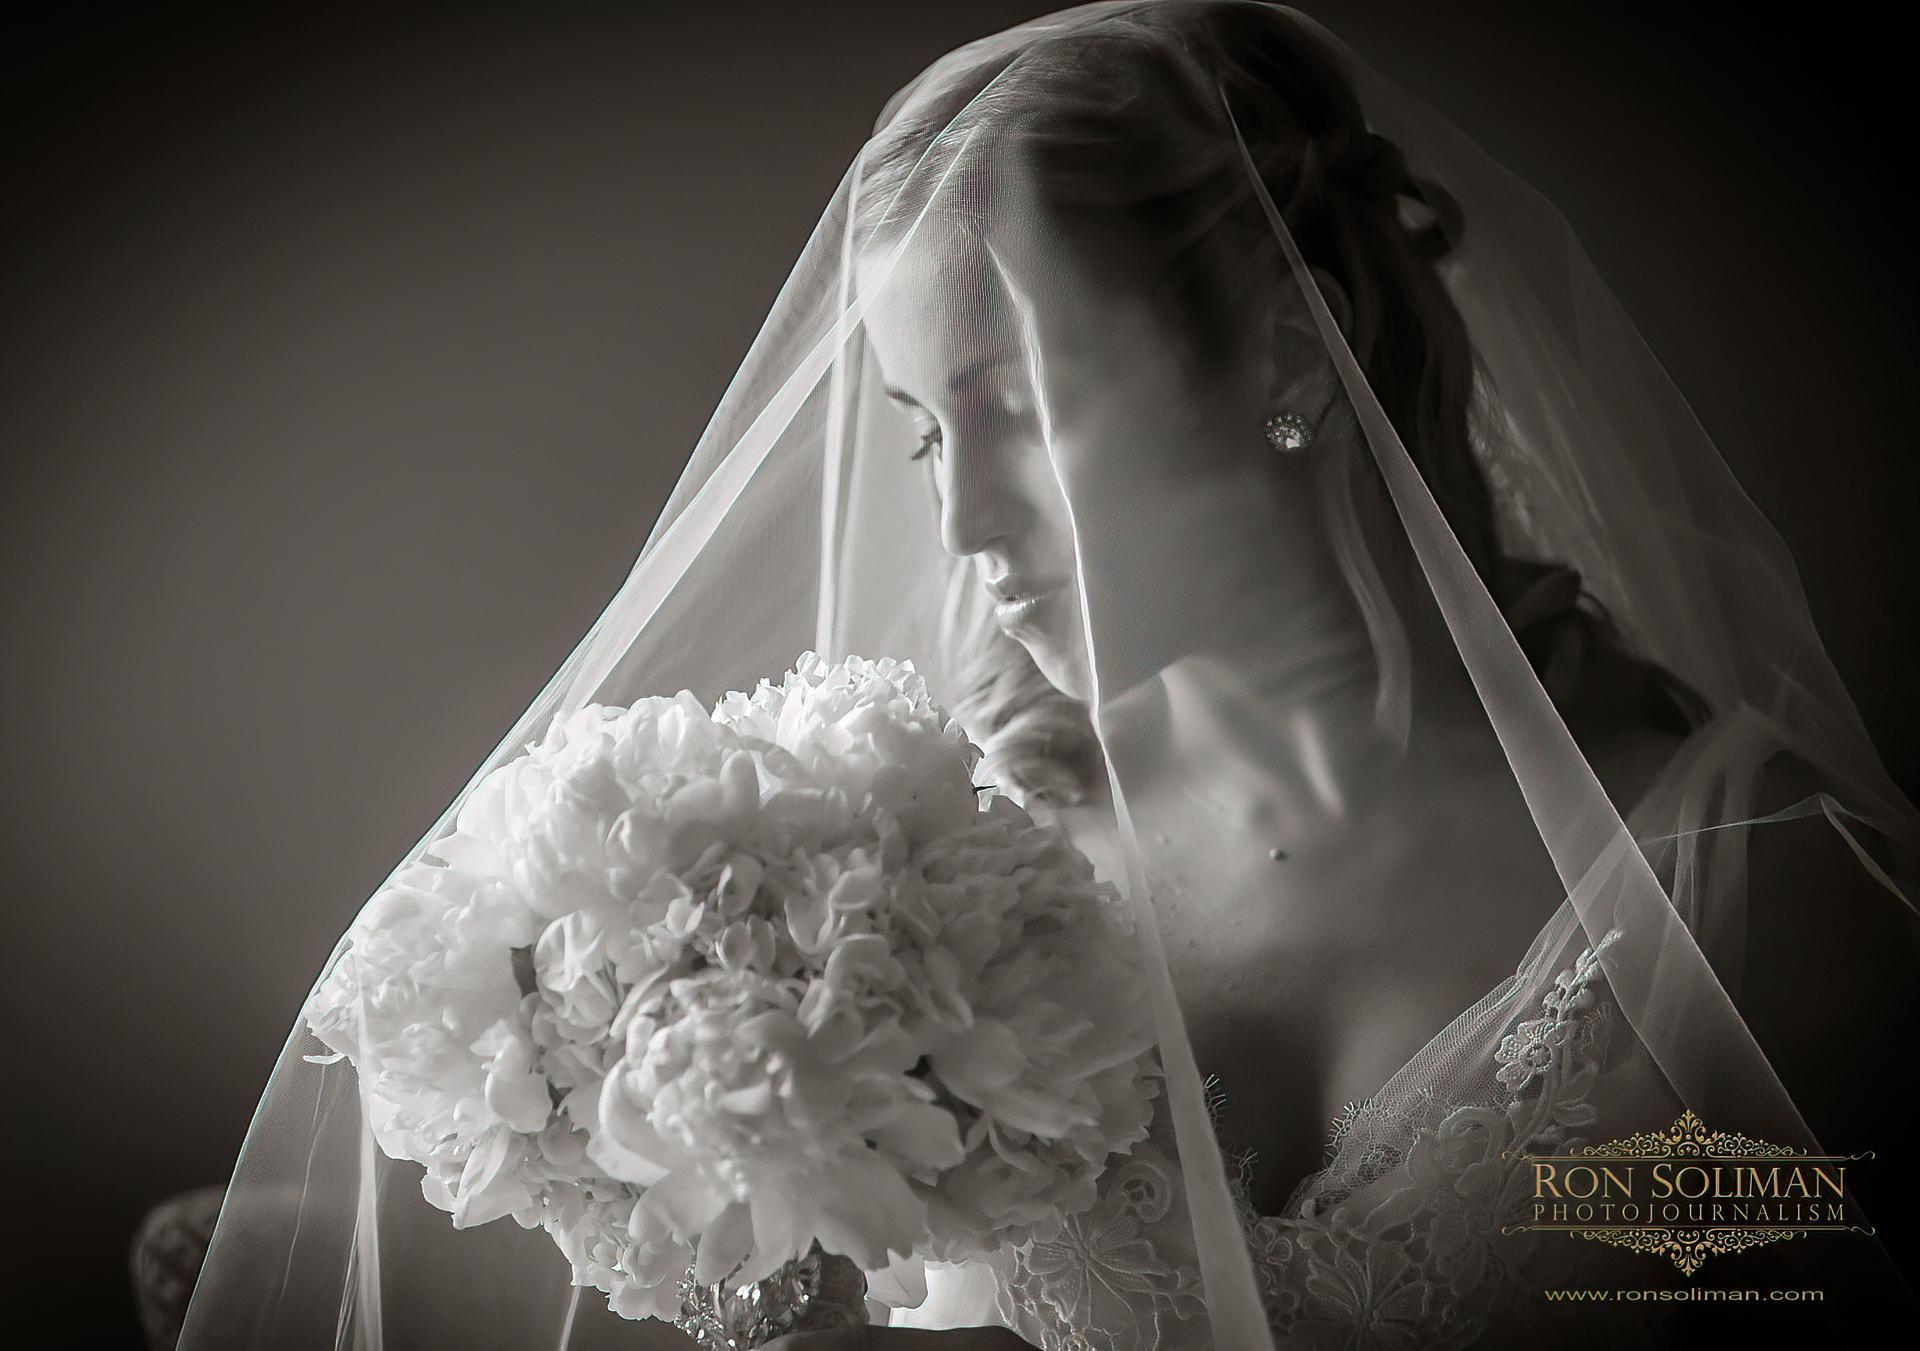 Best The Franklin Institute Wedding photos